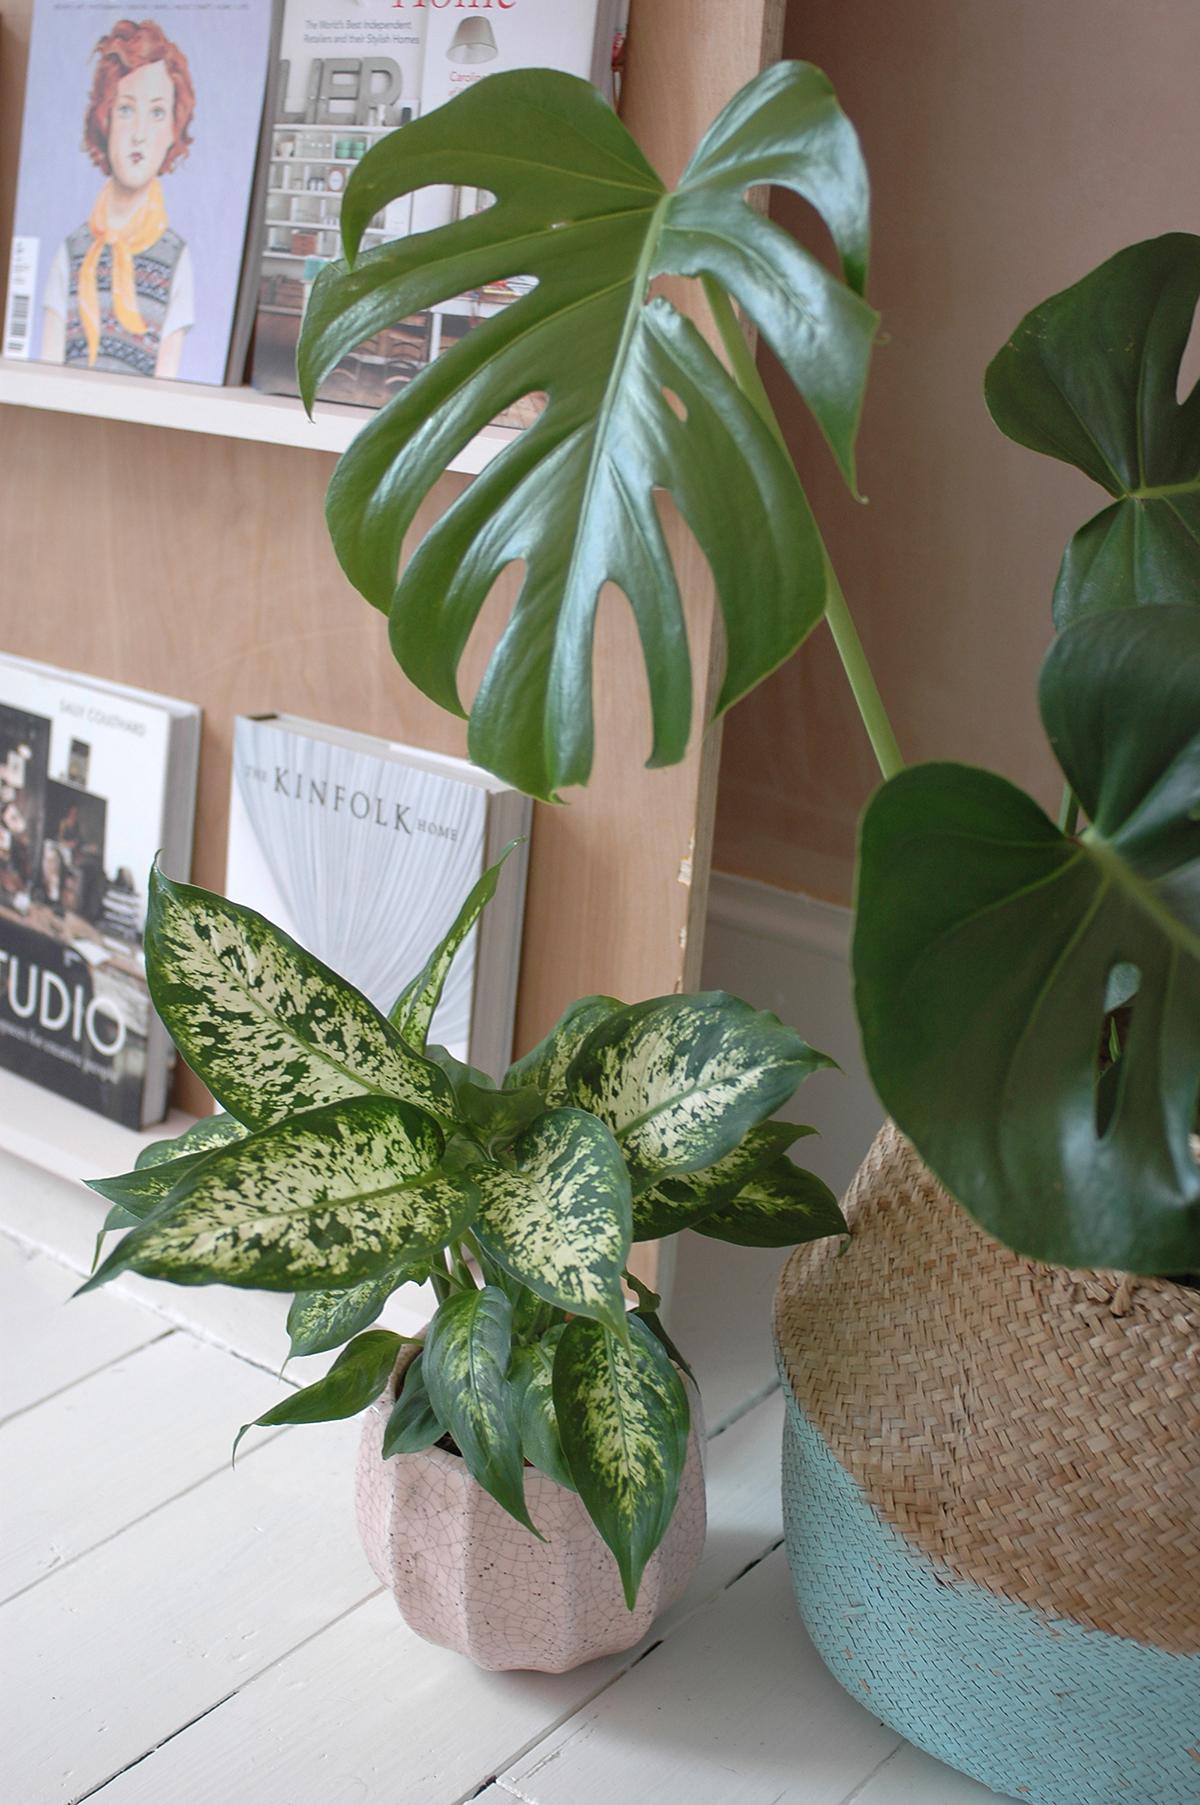 pink plant pot : Anthropologie /  Belly basket : Olli Ella